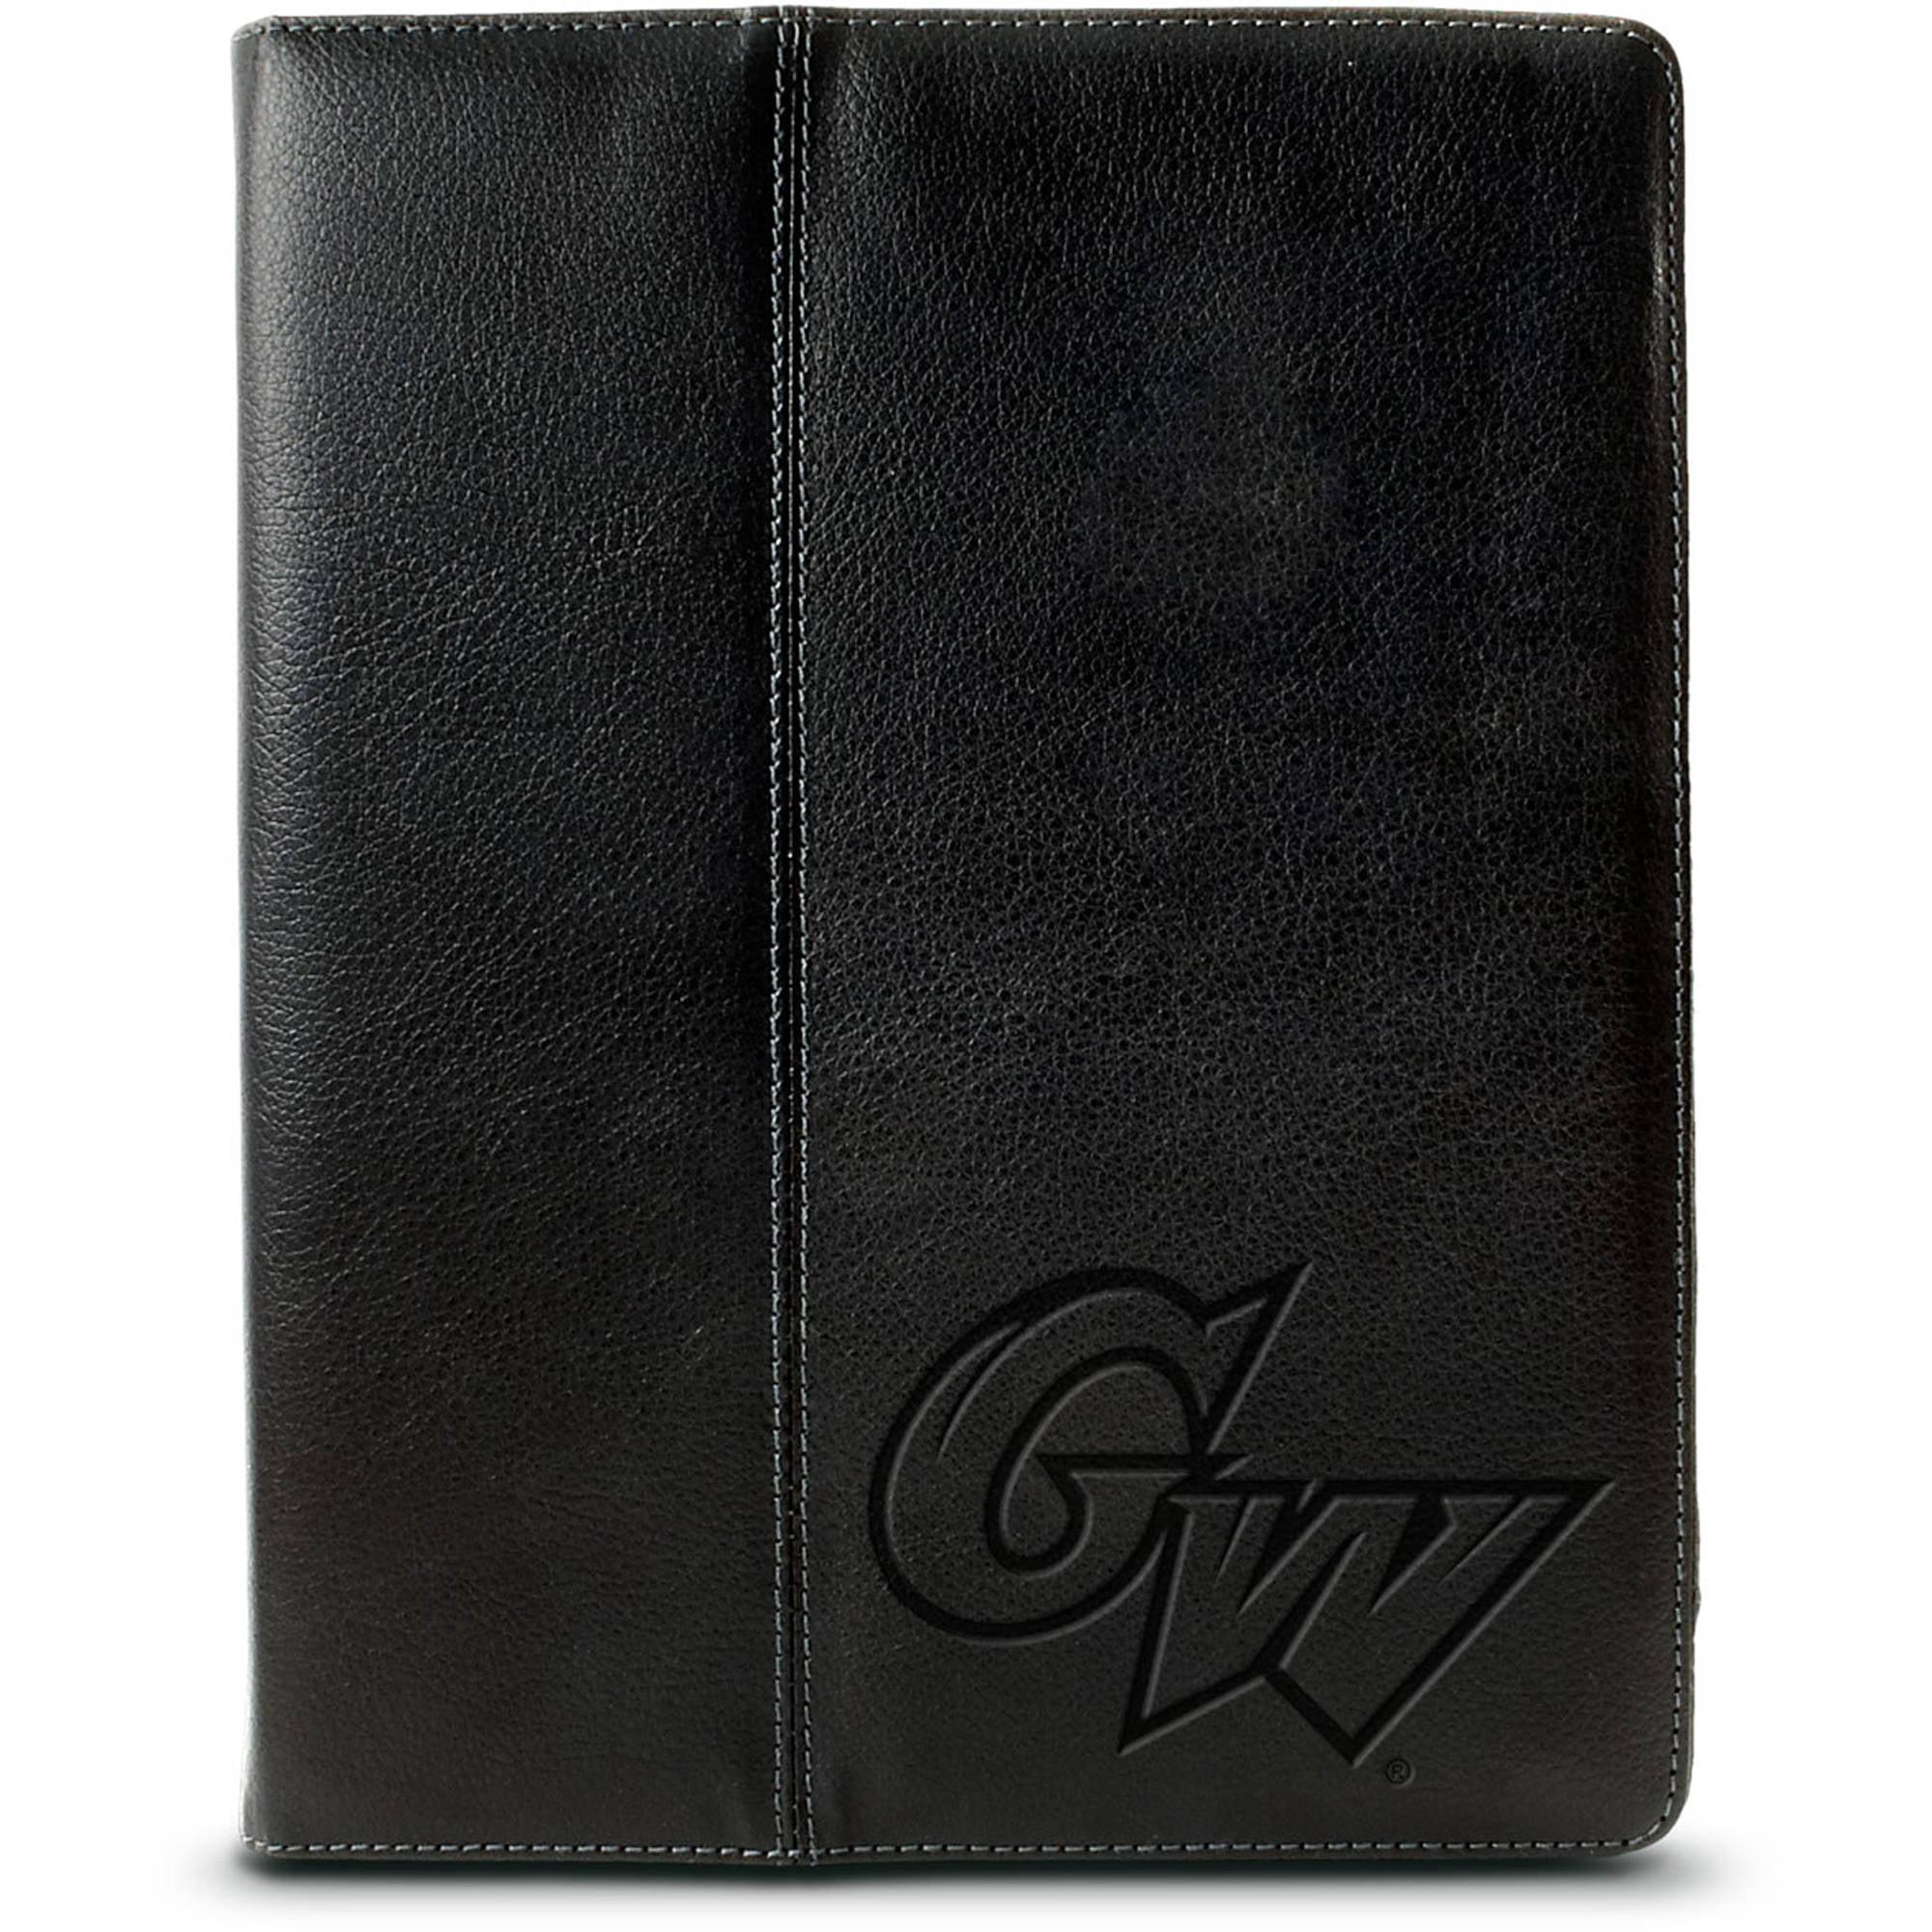 Centon iPad Leather Folio Case George Washington University